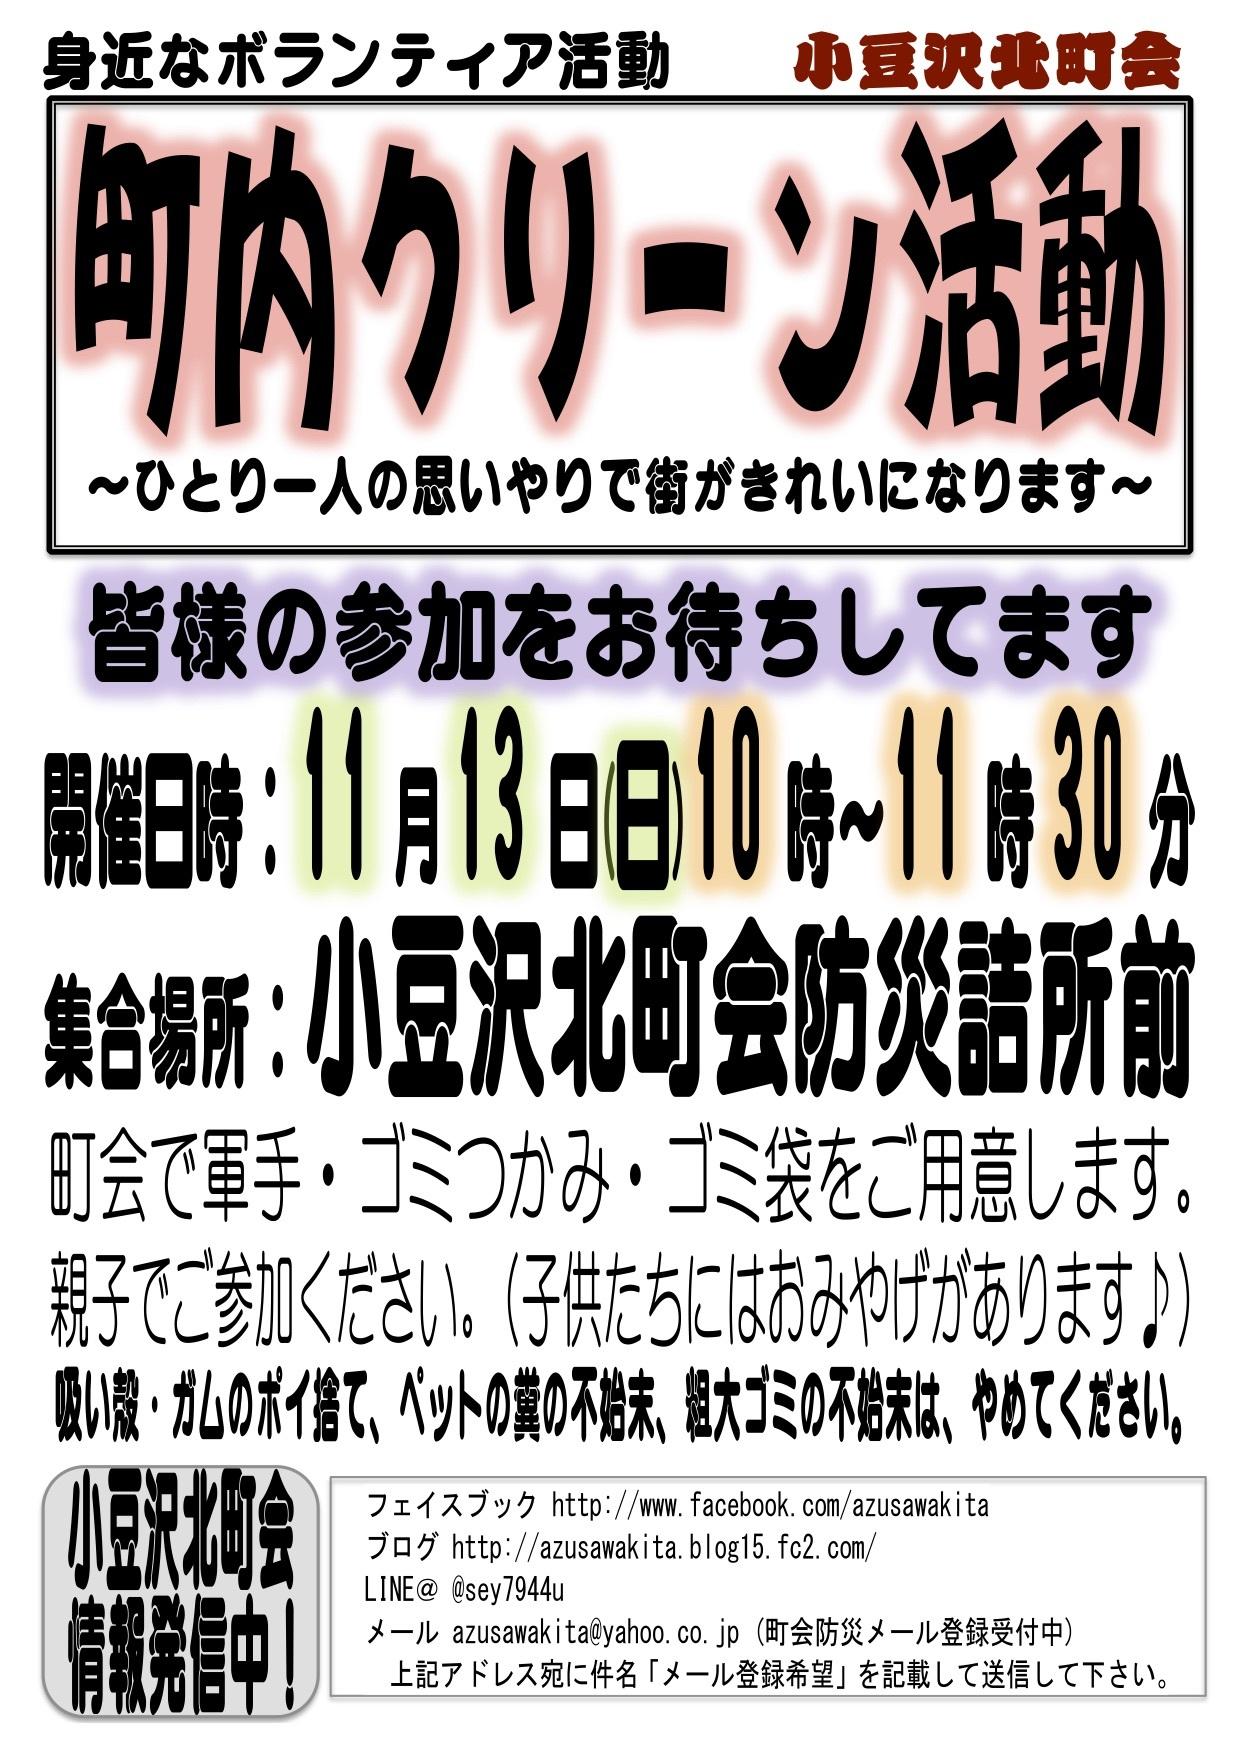 2016年11月13日(日)町会クリーン活動